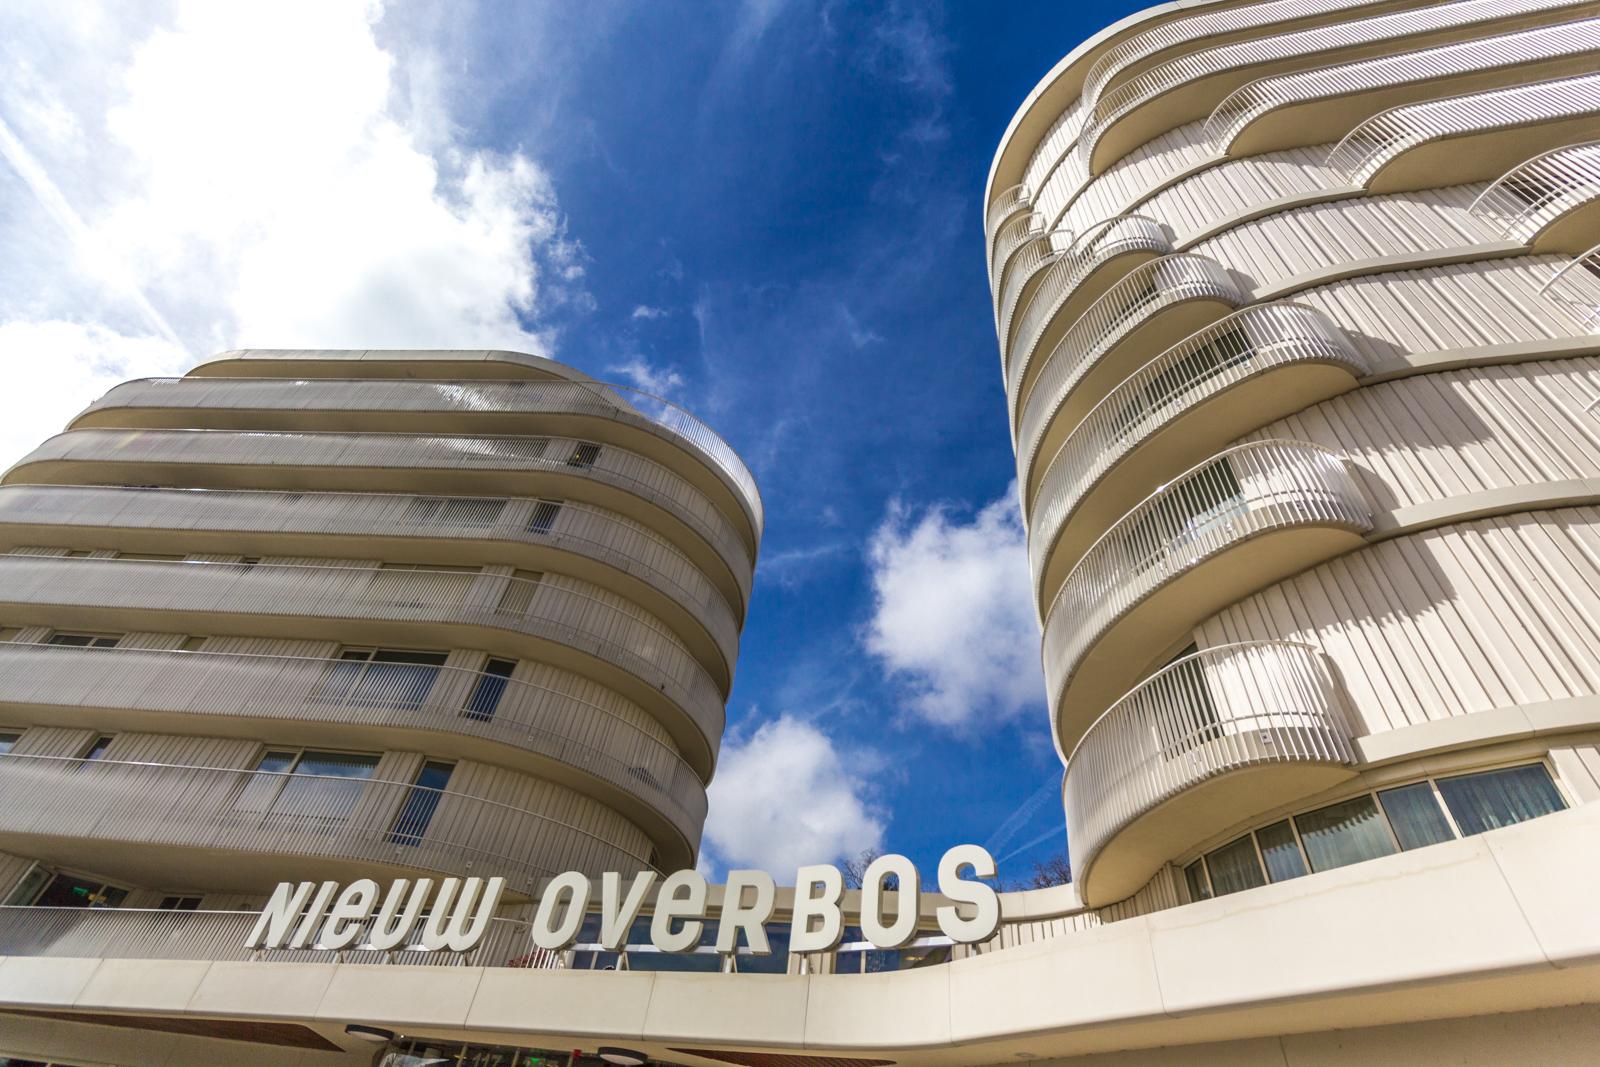 Residential complex Nieuw Overbos Heemstede